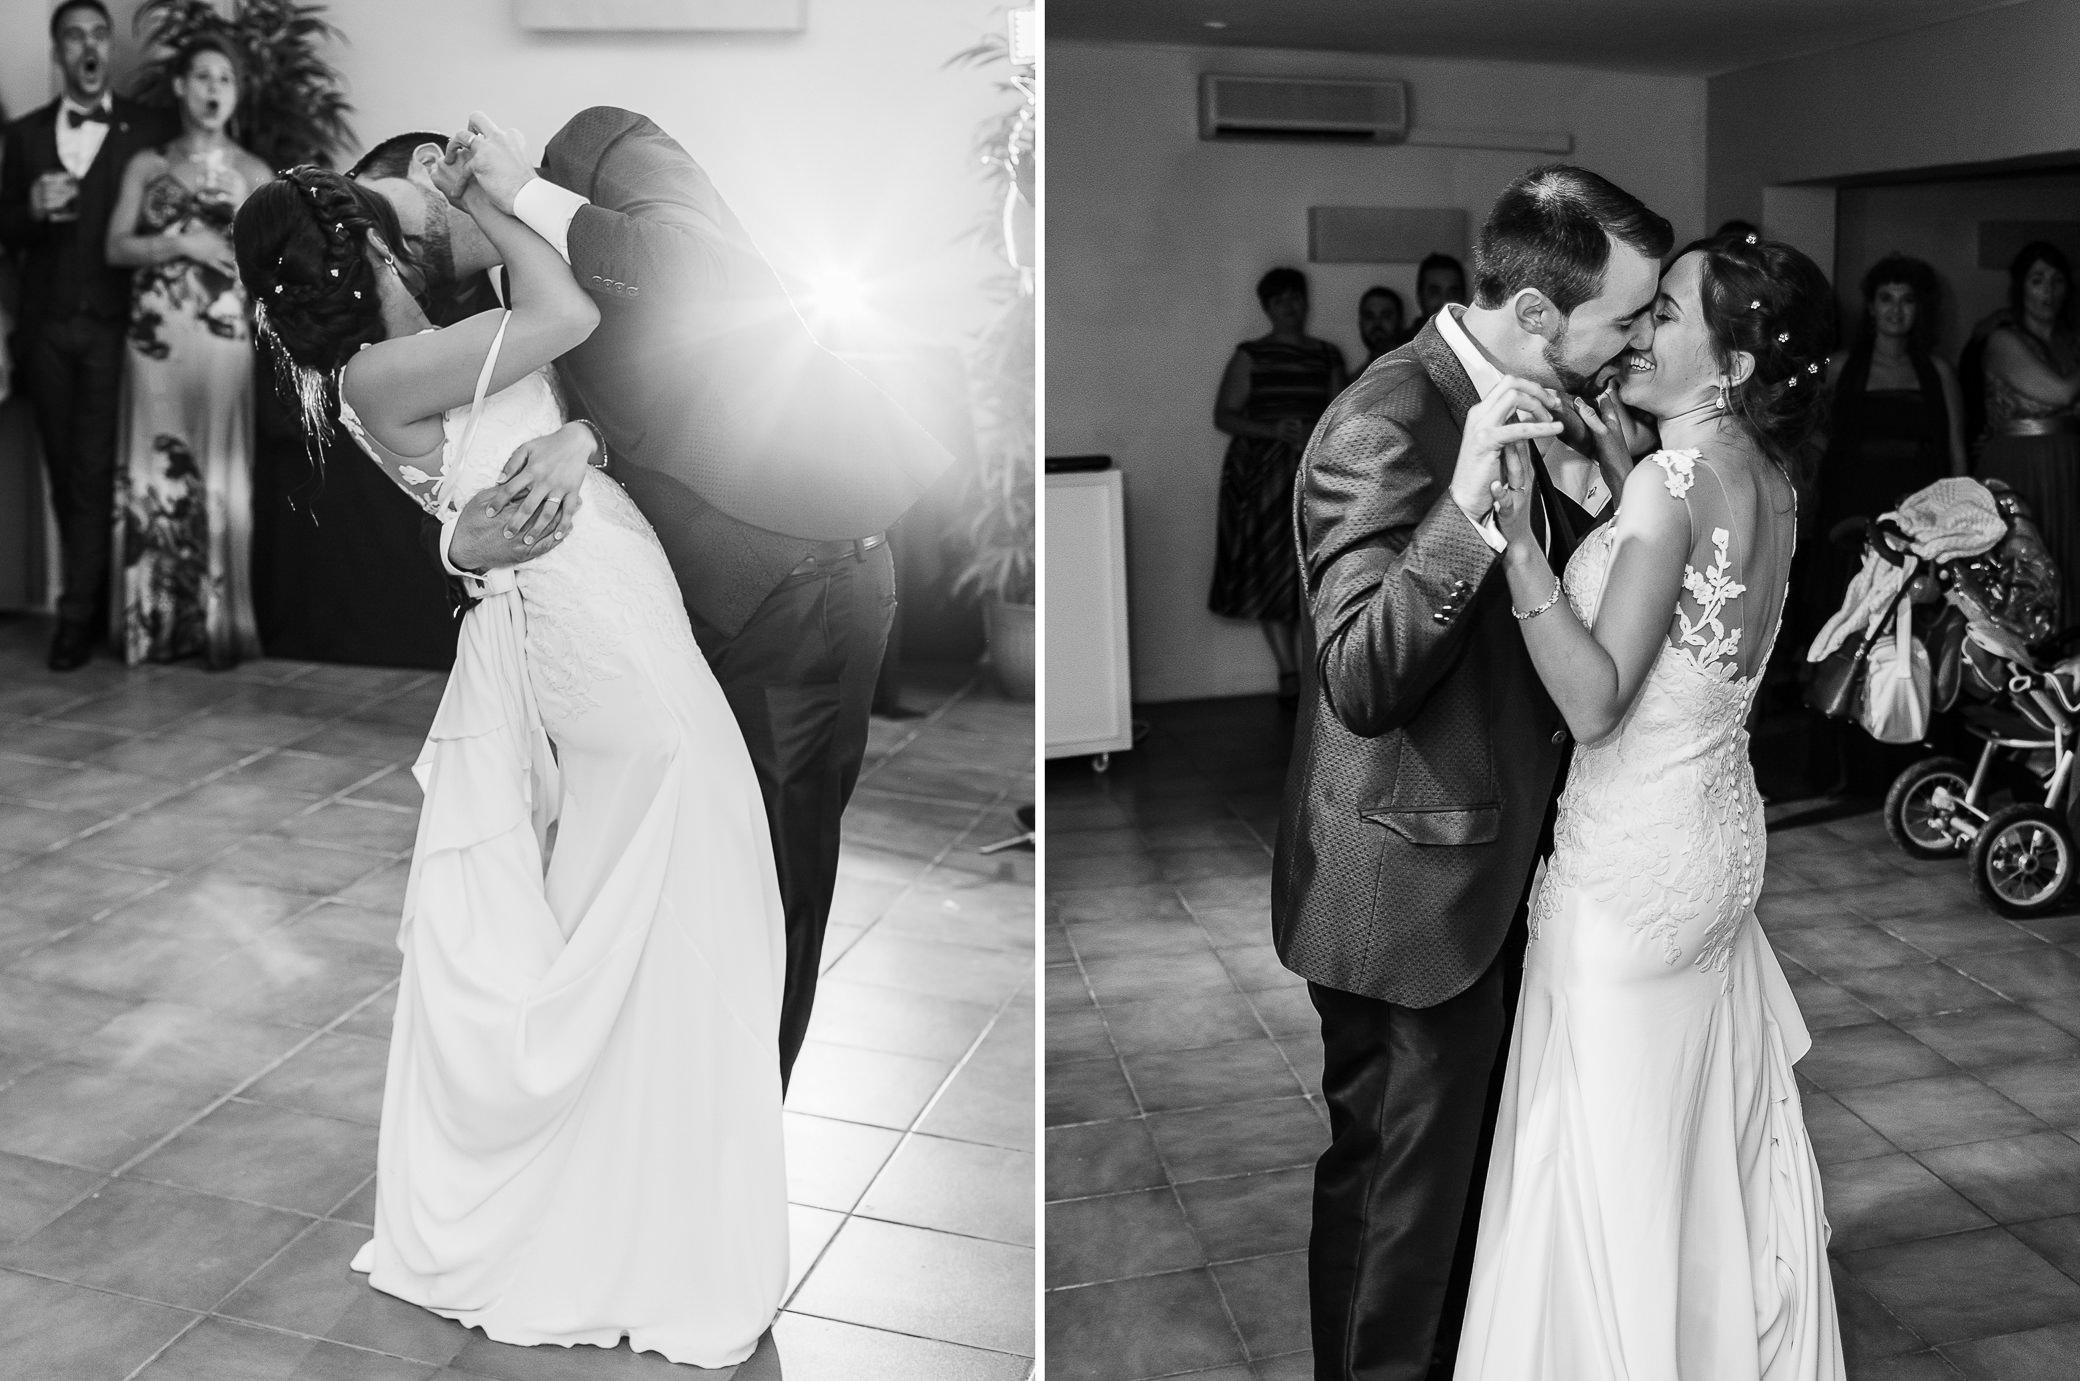 boda-aire-libre-can-tosca-photografeel-76.jpg